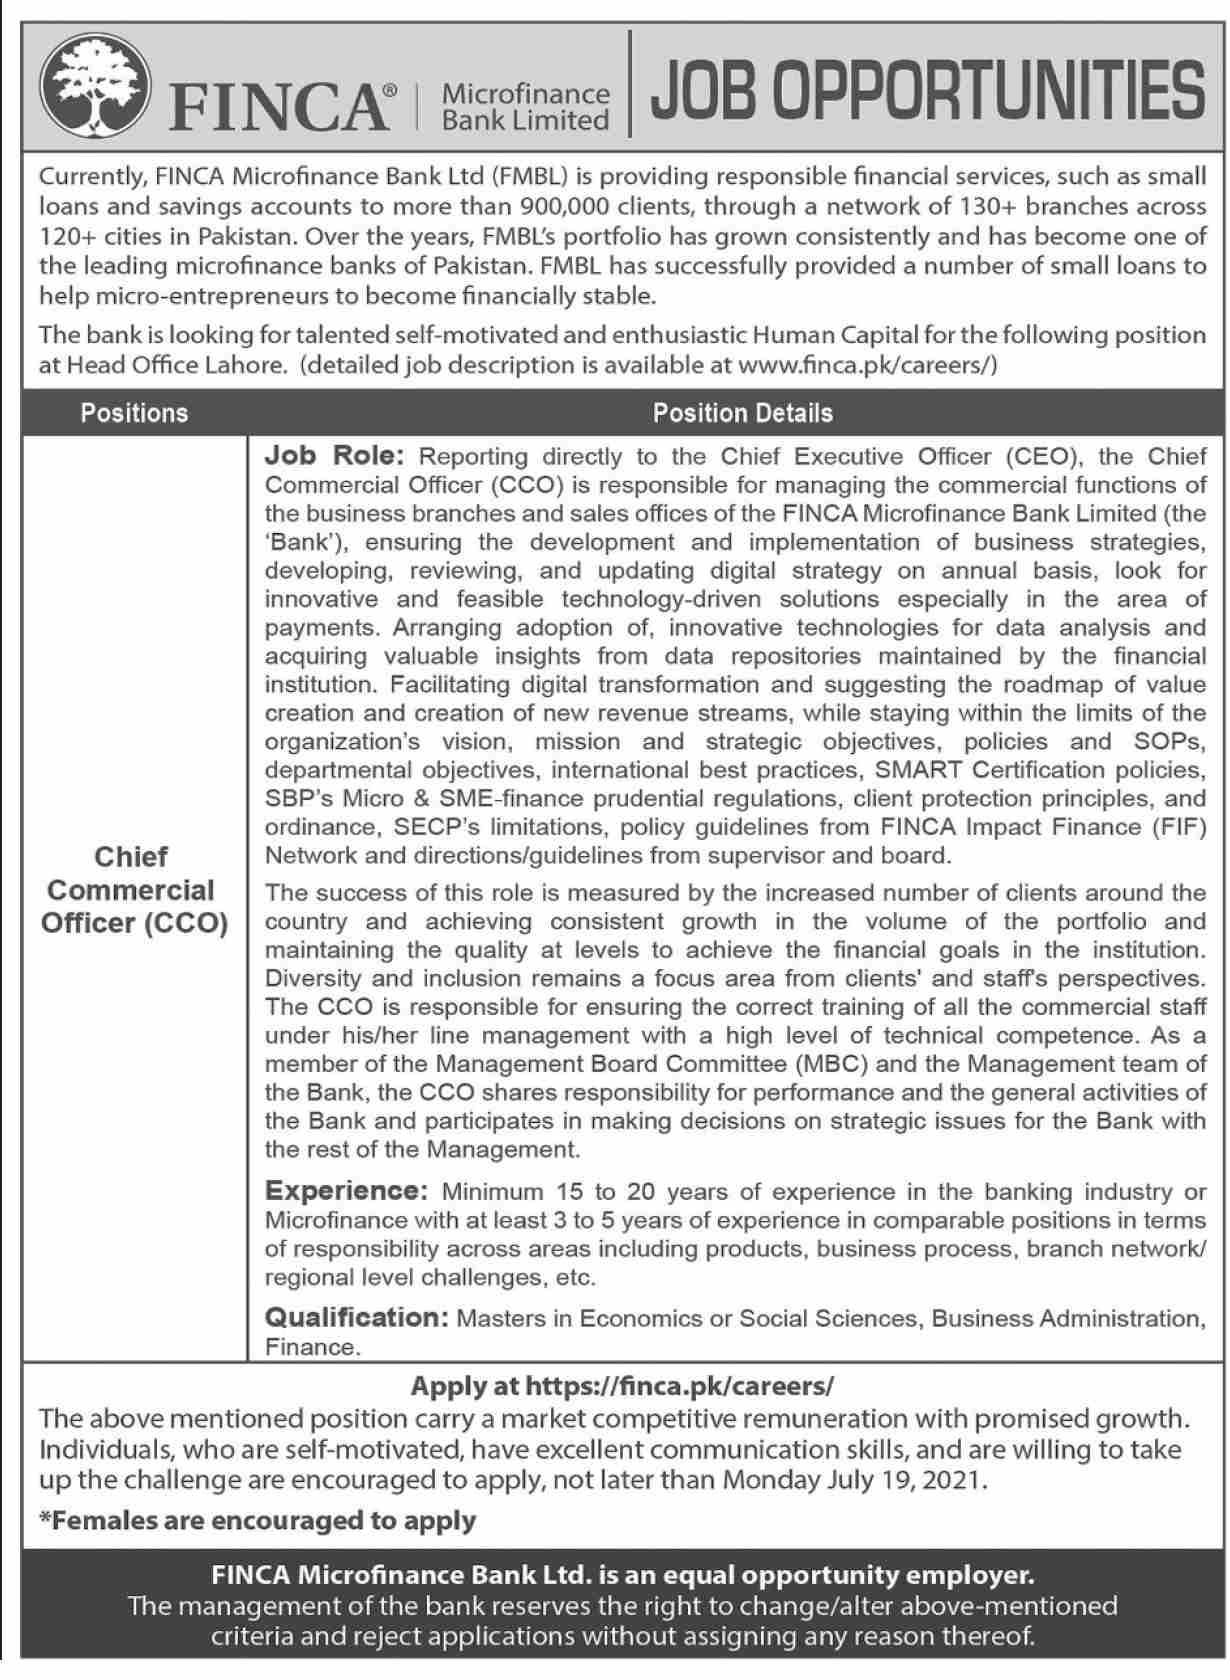 www.finca.pk Jobs 2021 - FINCA Microfinance Bank Limited Jobs 2021 in Pakistan